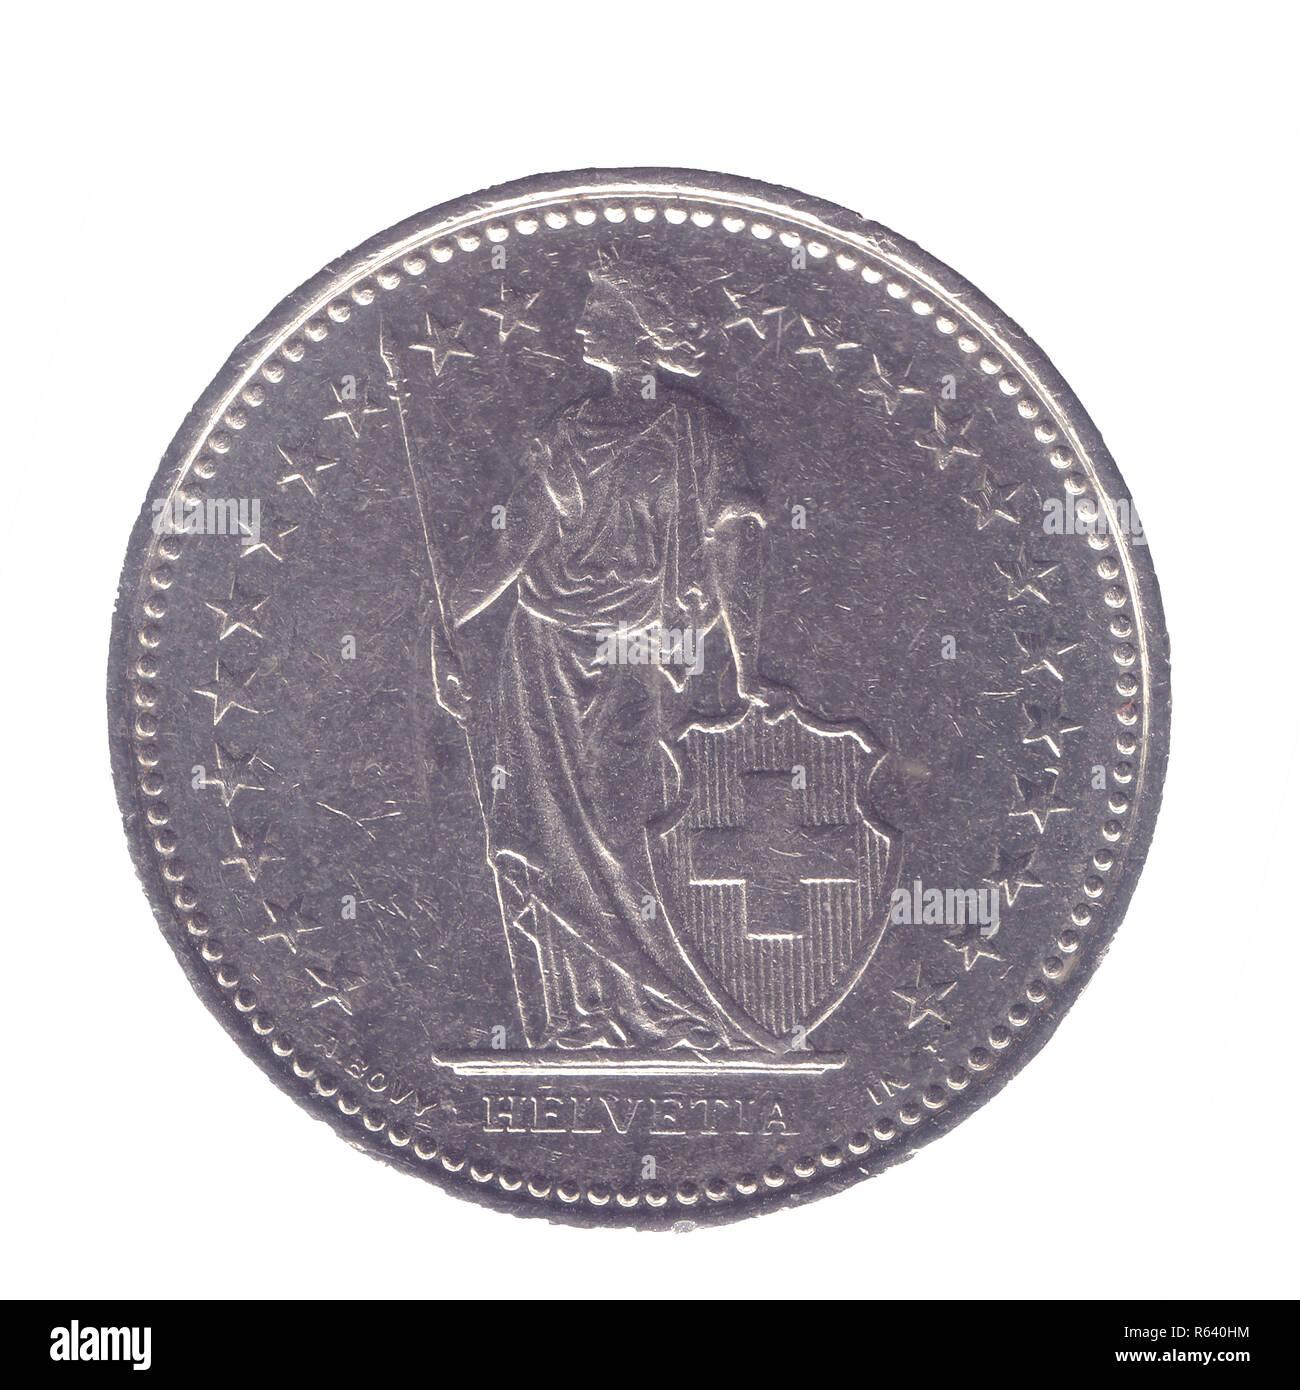 Silber Eine Halbe Schweizer Frank Münze 50 Cent Auf Weißem